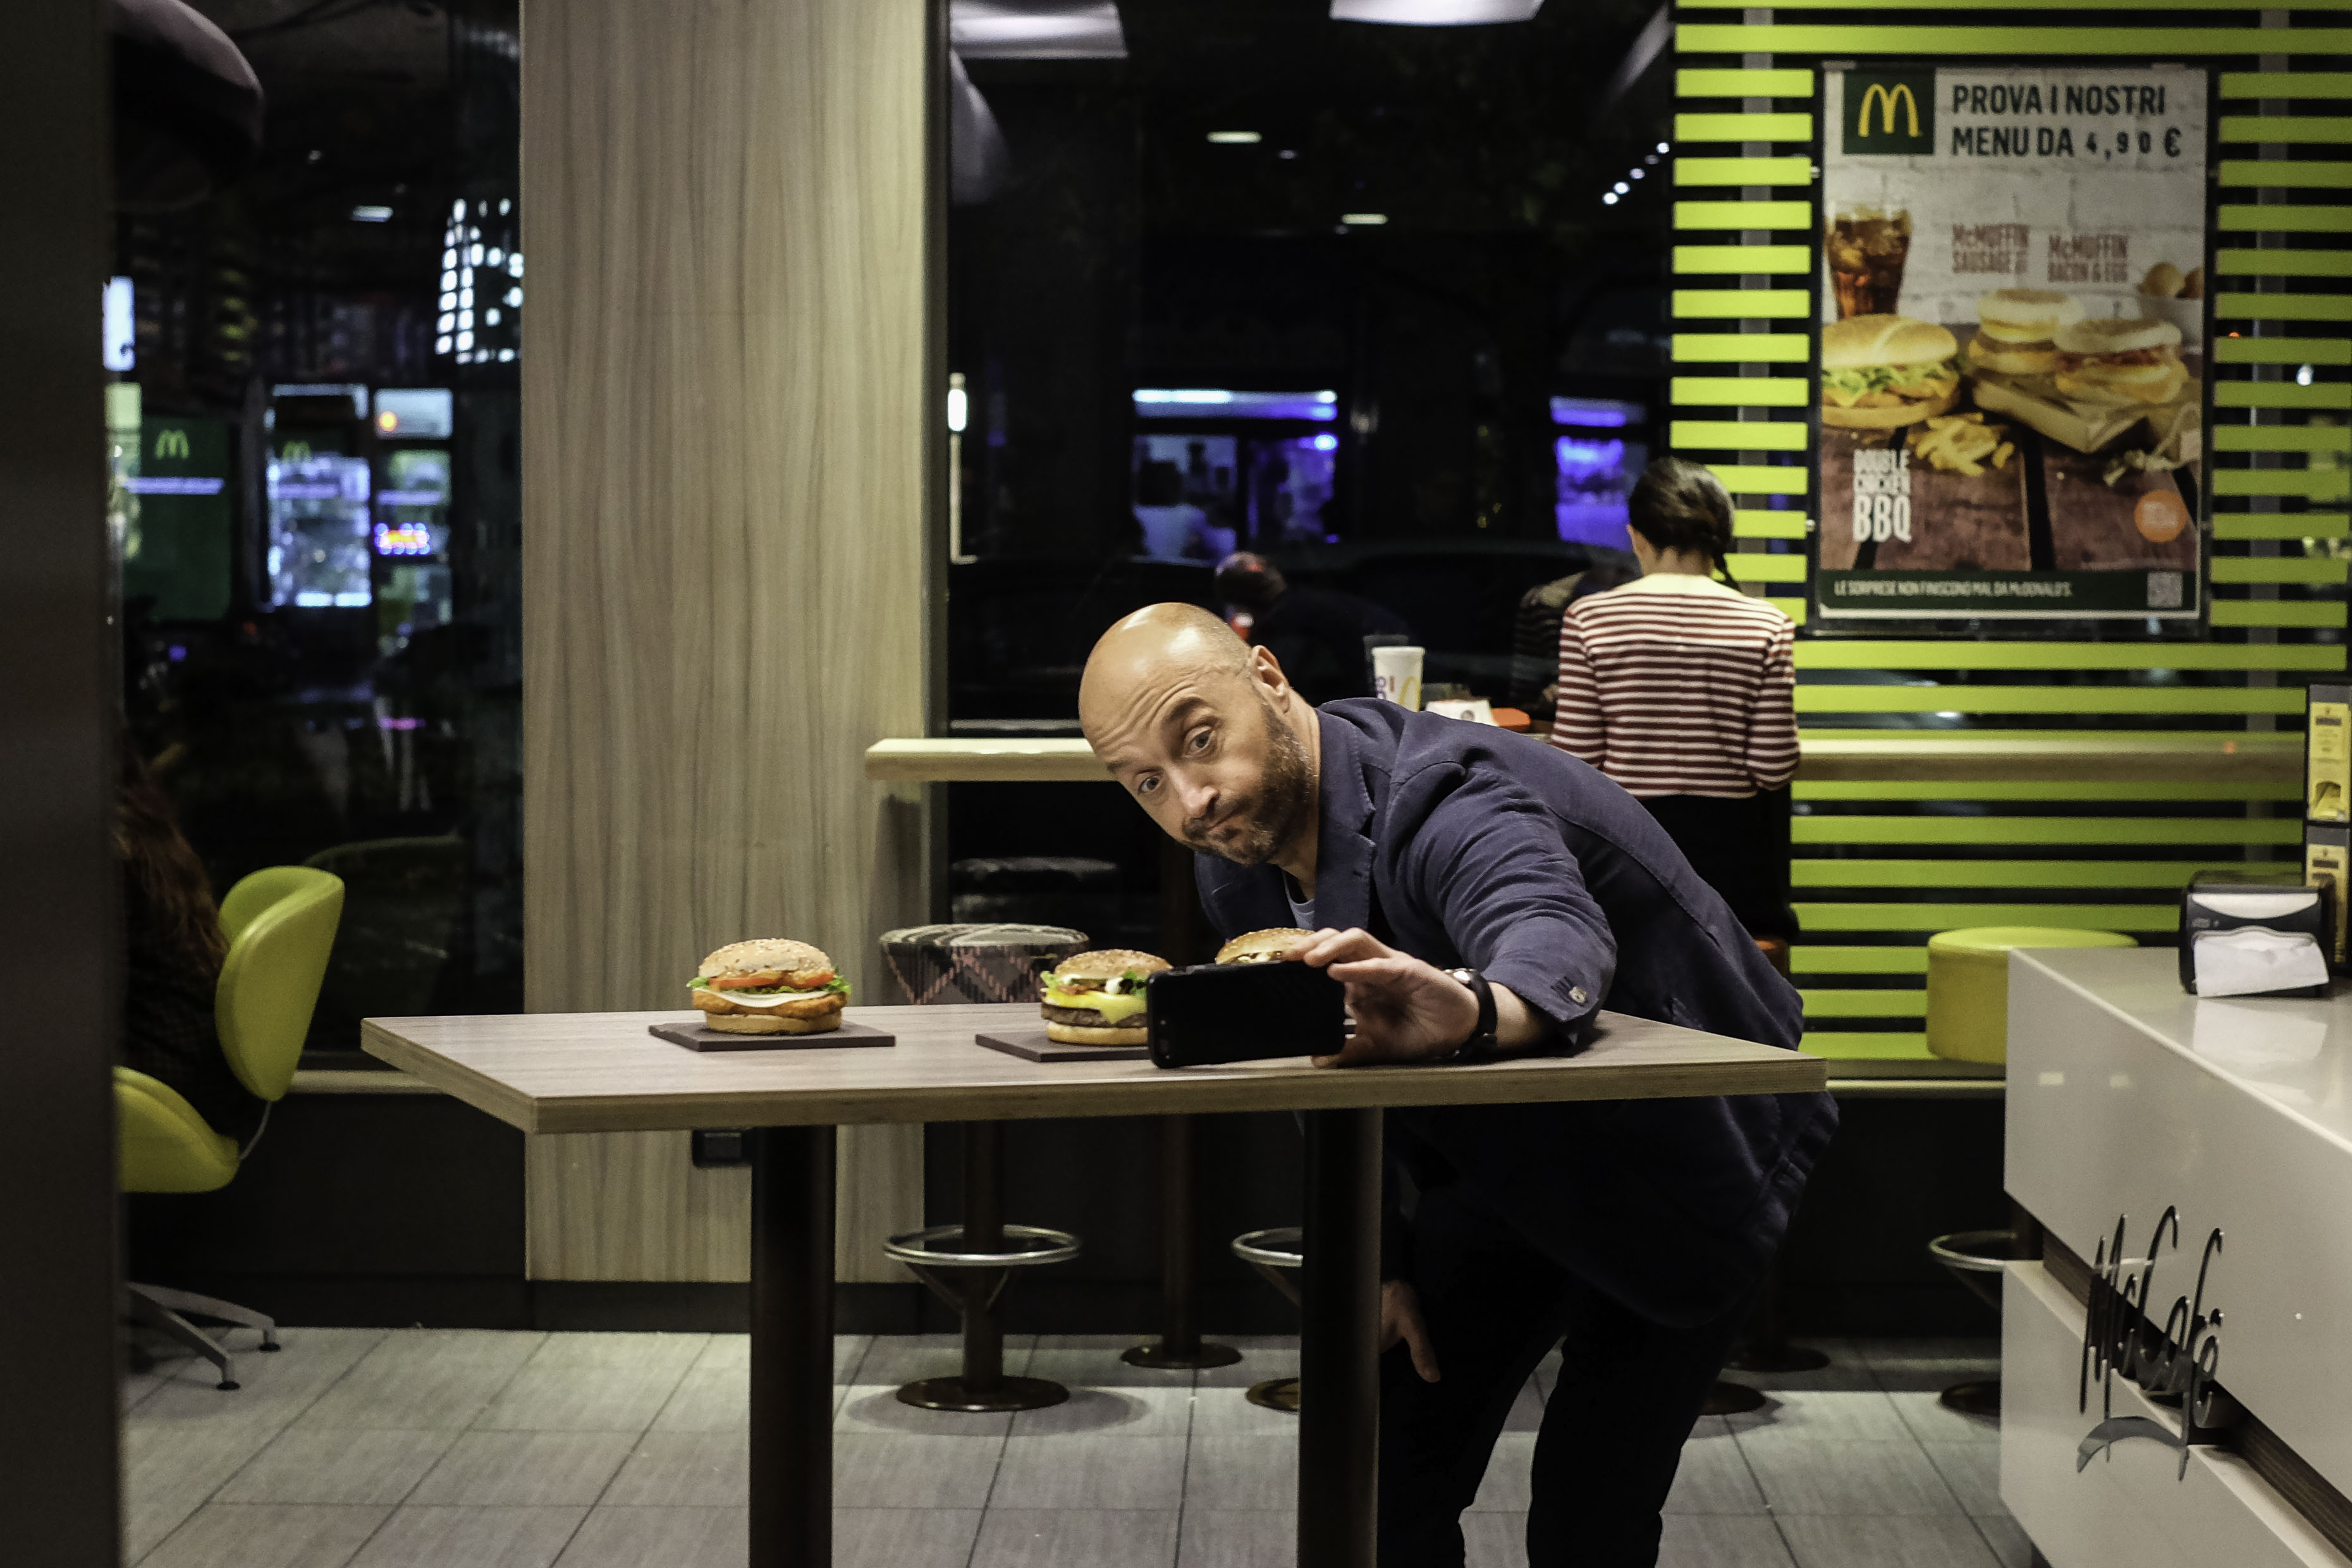 il formaggio di mcdonald's caseificio albiero montorso vicentino cosa fare in veneto vicenza food veneto mangiare in veneto joe bastianich